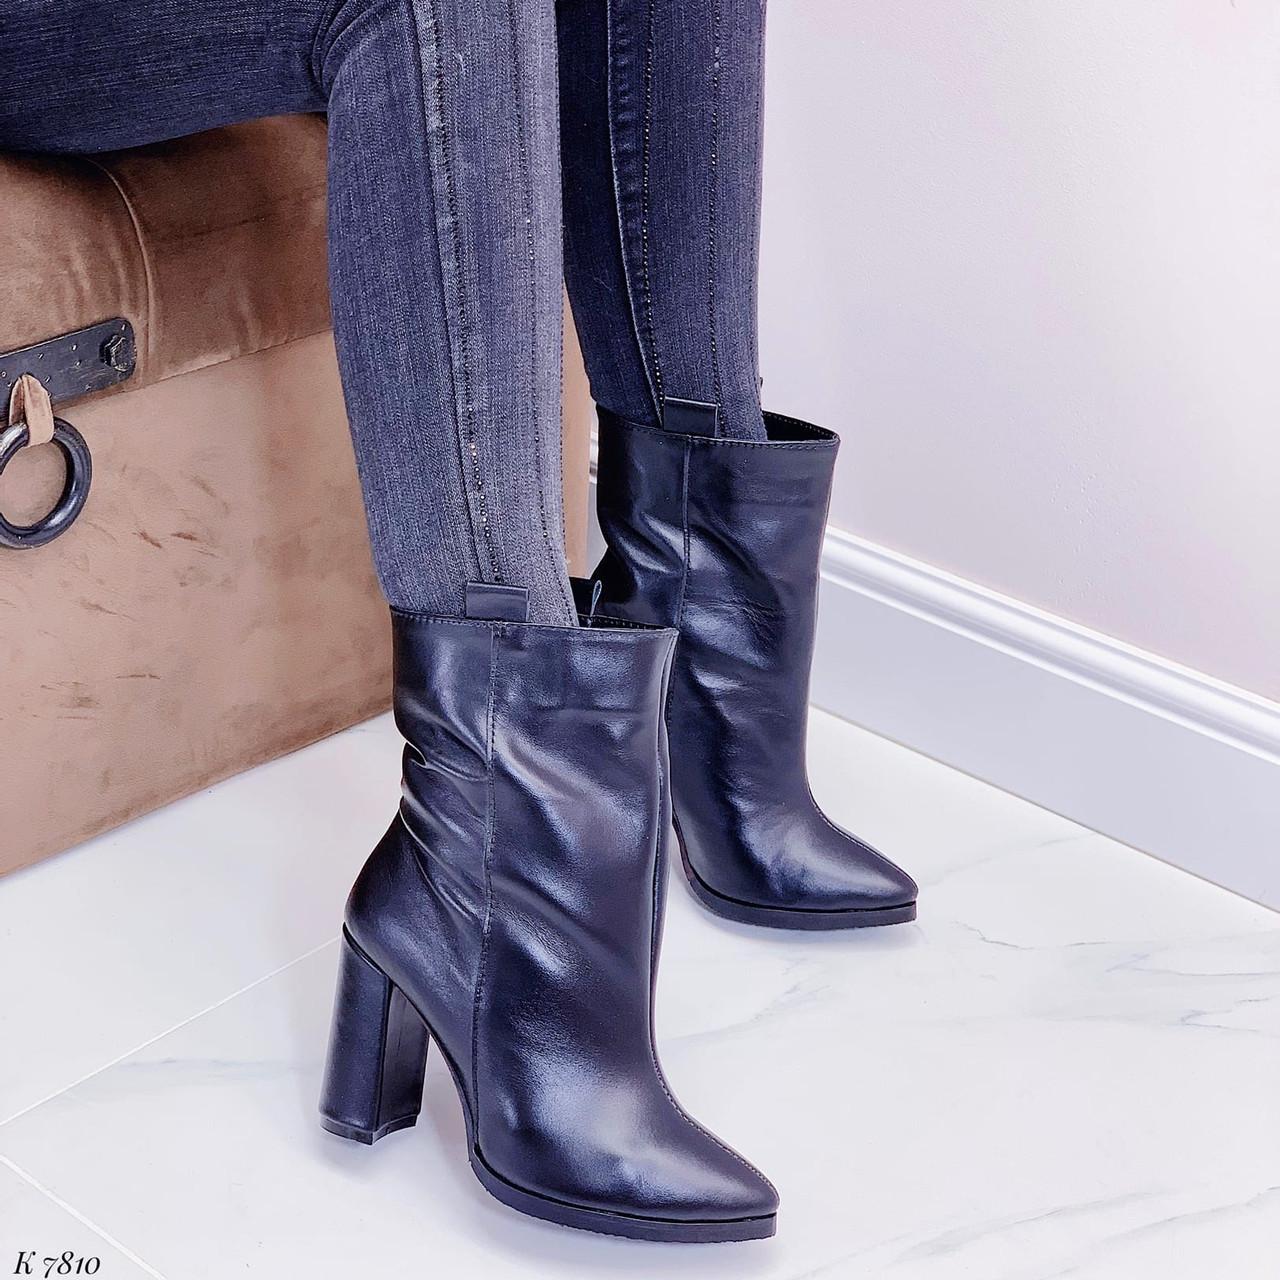 Женские ДЕМИ ботинки черные на каблуке 9 см натуральная кожа